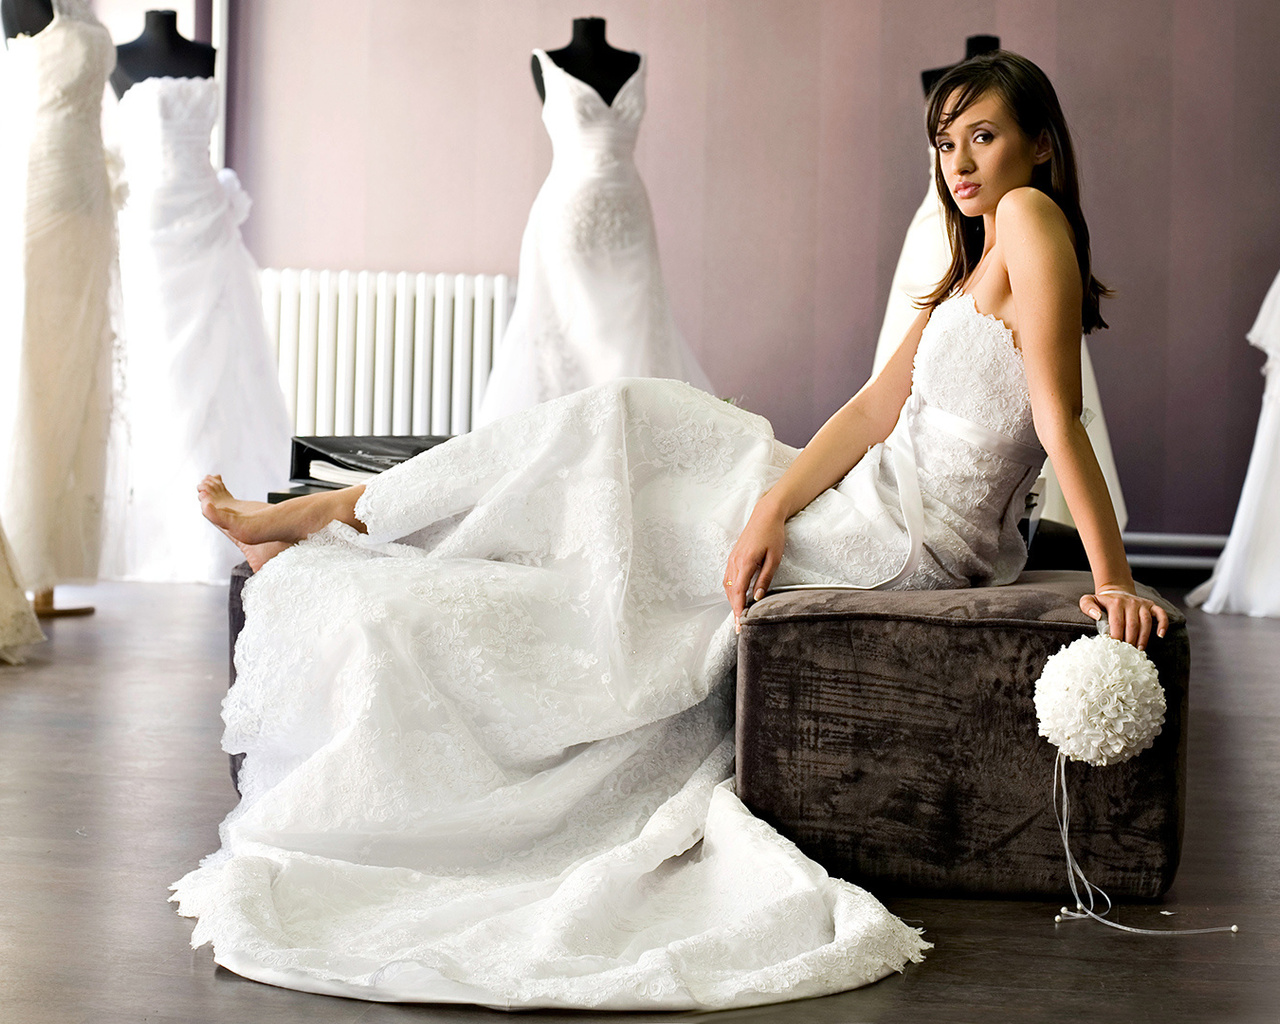 Покупка свадебного платья являтся одним из самых сложных этапов подготовки к празднику. В какой стране не находилась бы невеста, все равно нужно столкнуться